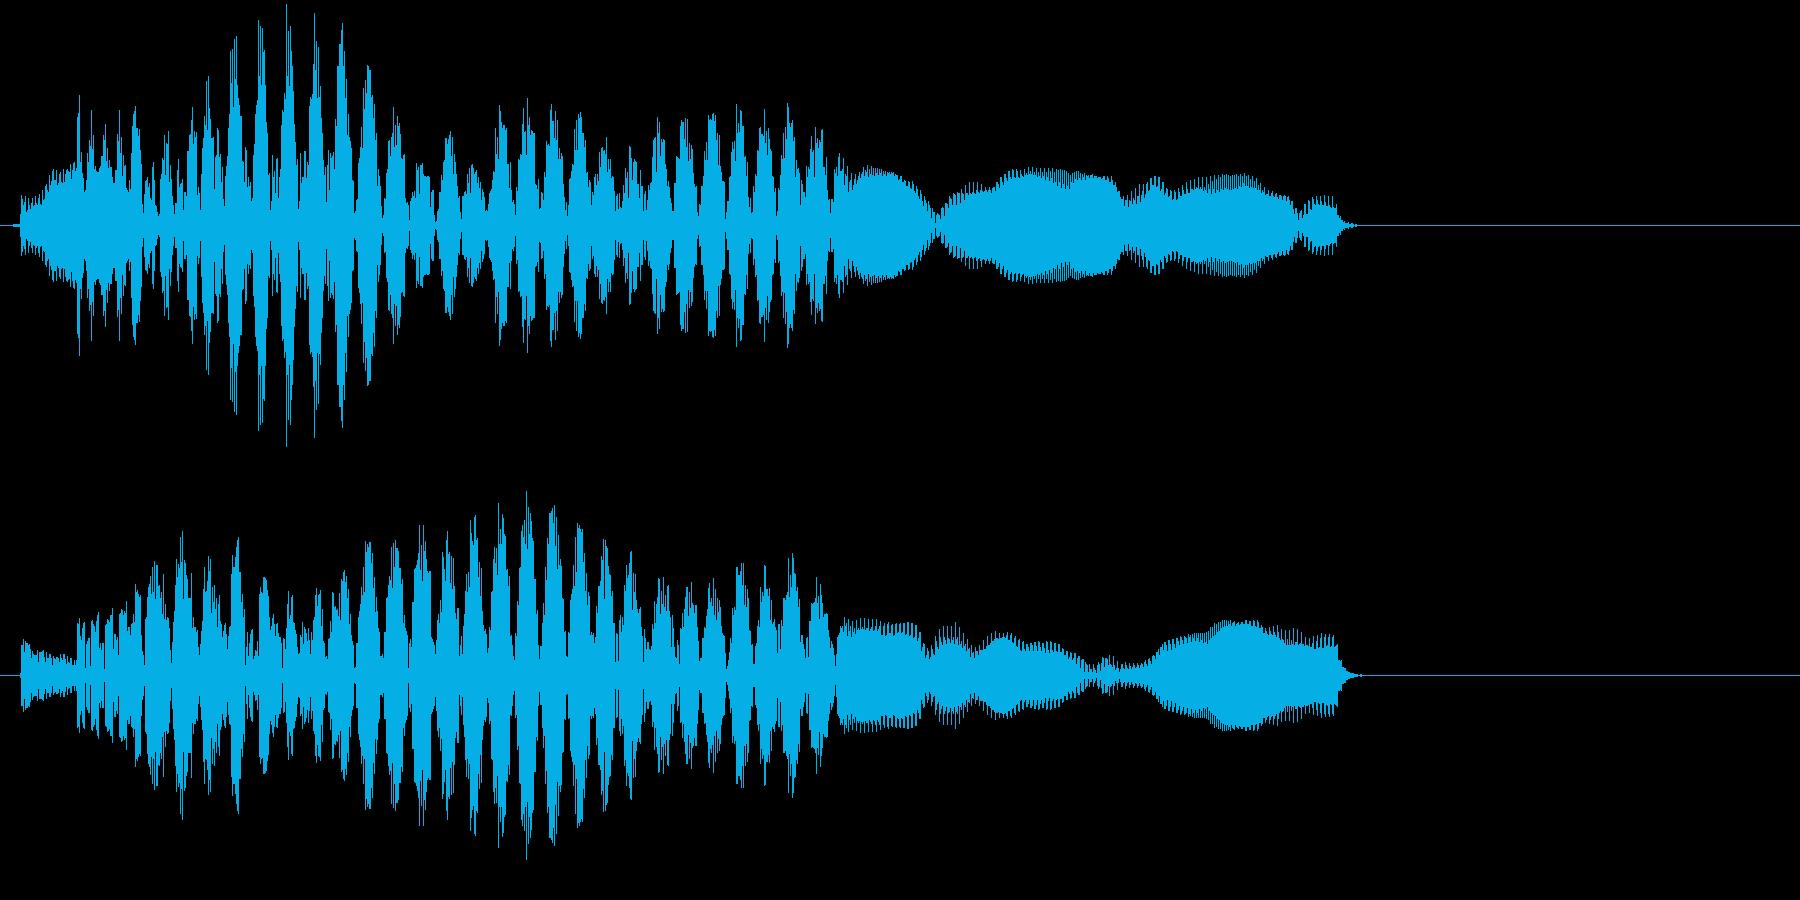 ポロロンンー(サウンドロゴ、決定)の再生済みの波形